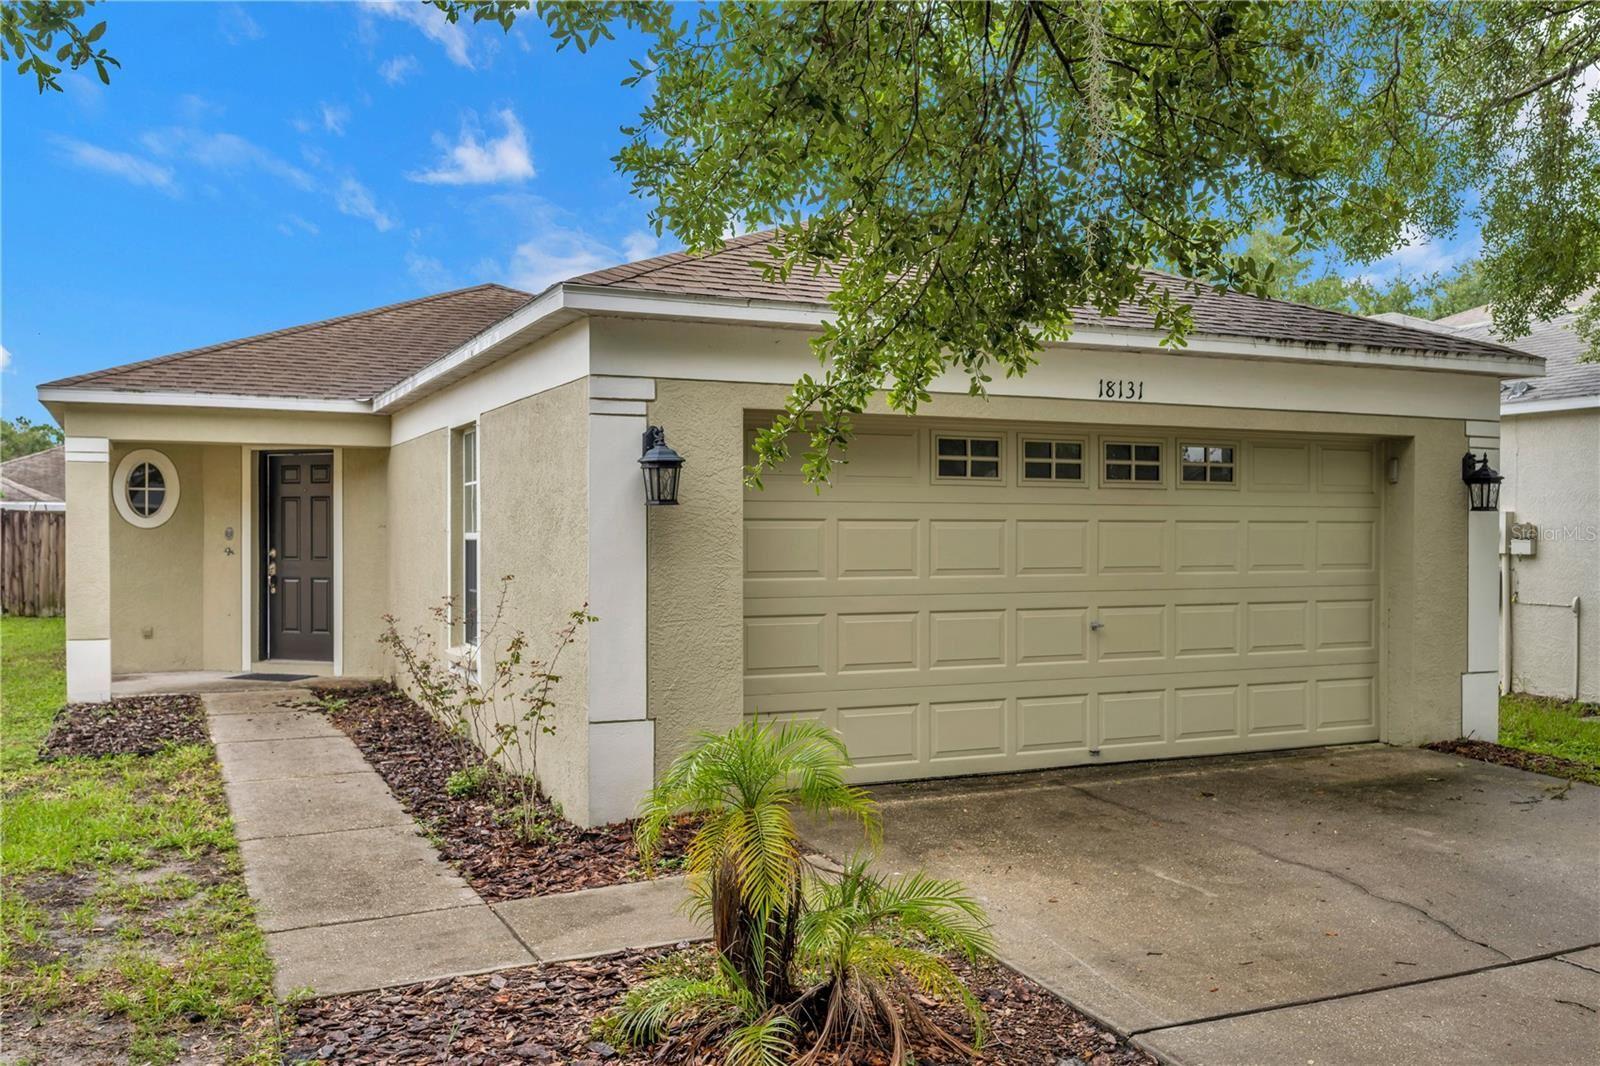 18131 LEMBRECHT WAY, Tampa, FL 33647 - MLS#: T3313320